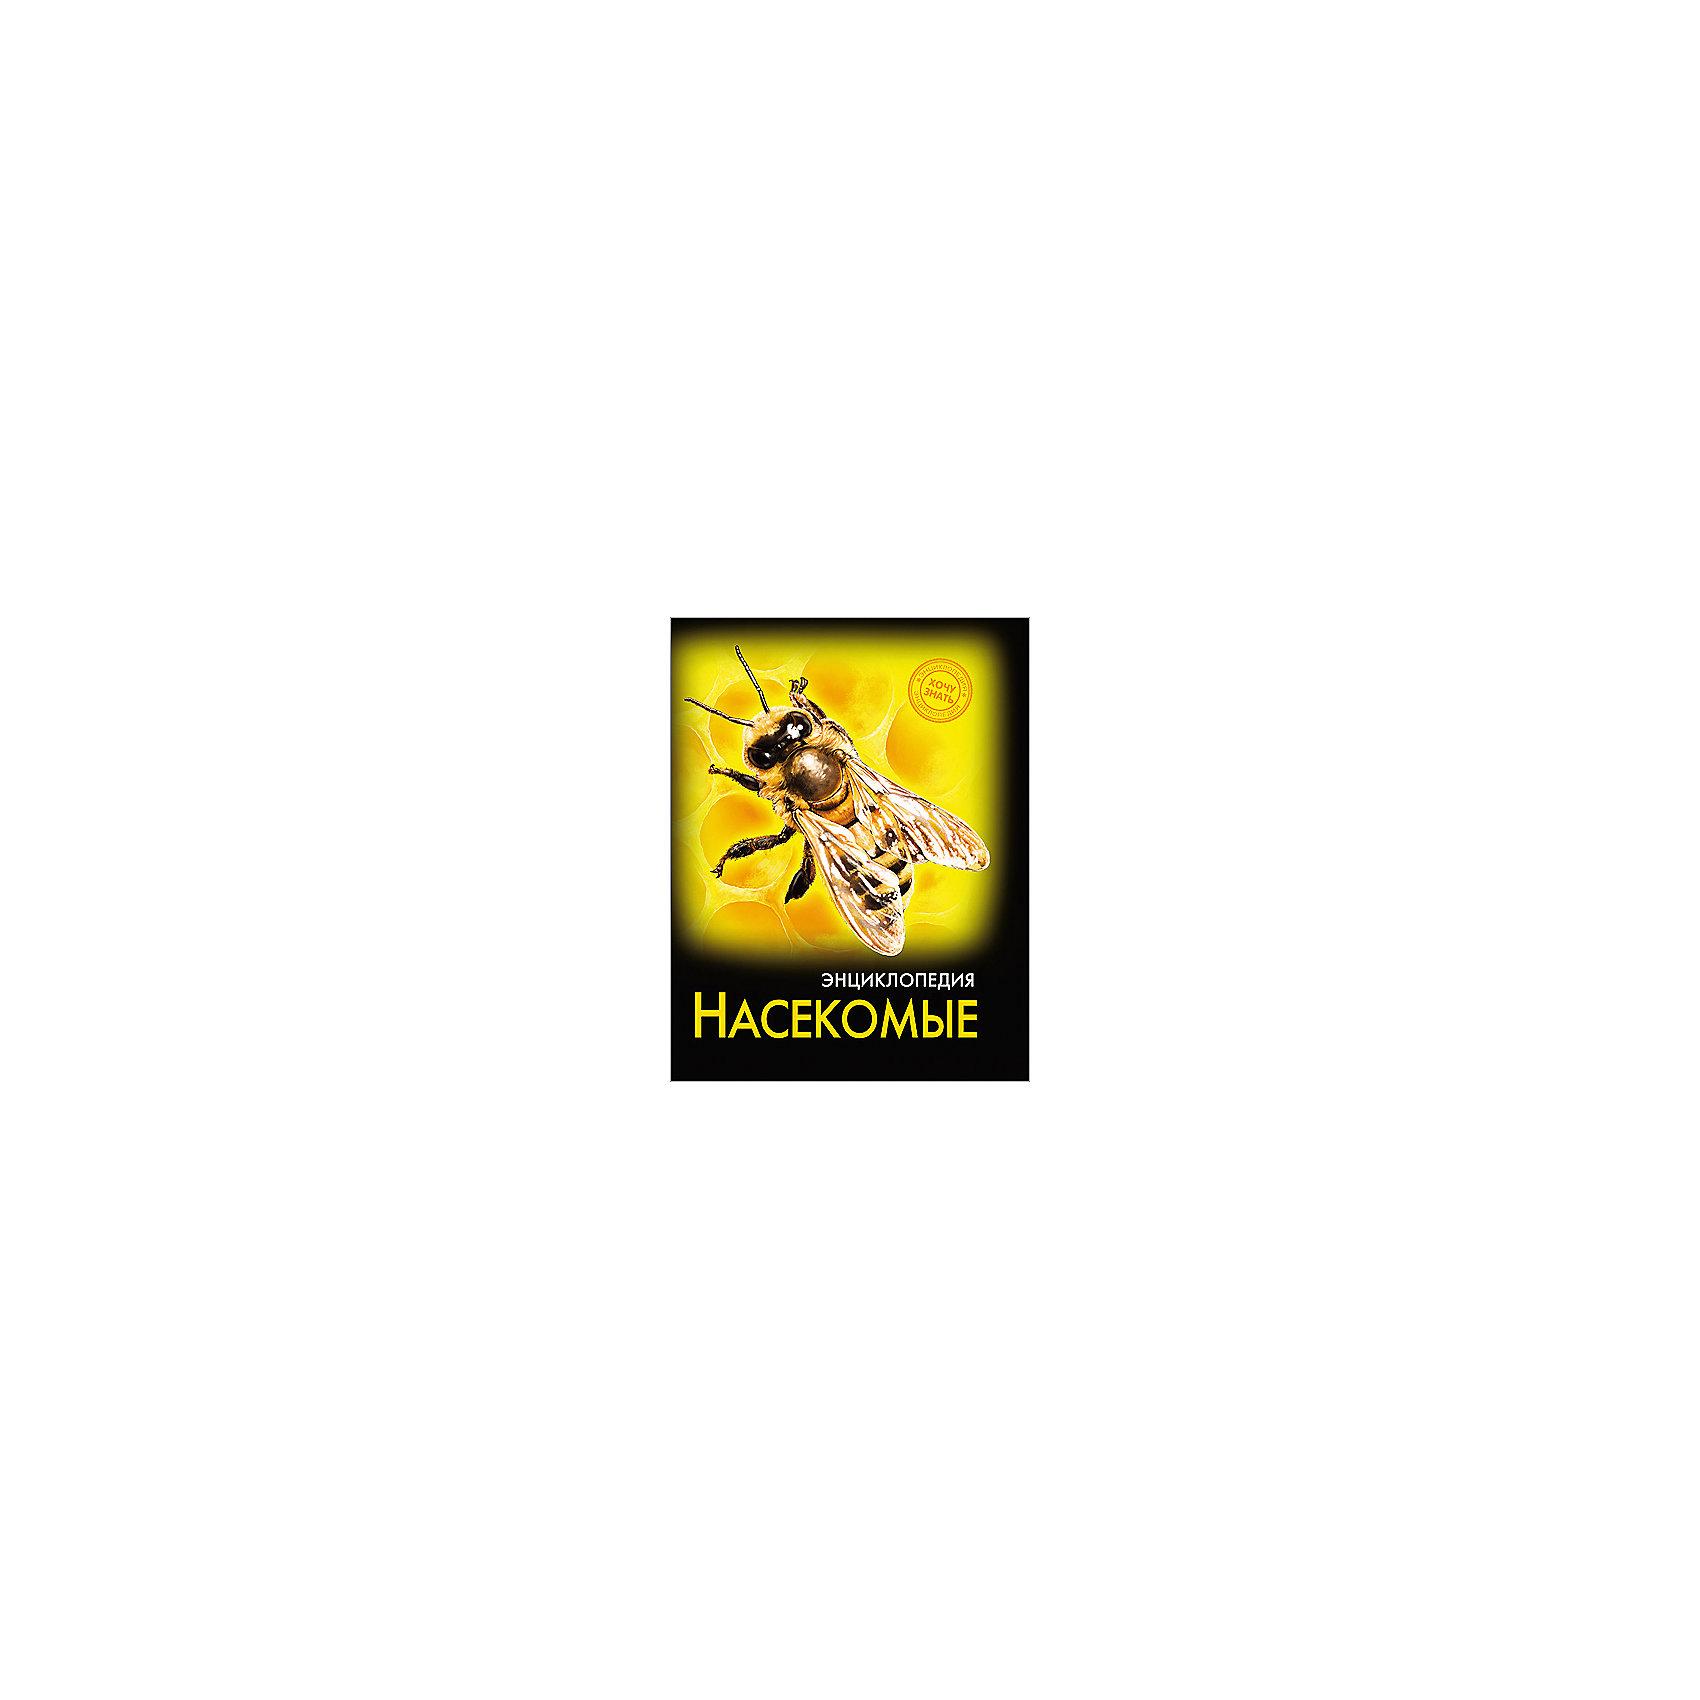 Энциклопедия НасекомыеЭнциклопедии о животных<br>Эта энциклопедия позволит вашему ребенку узнать много нового о насекомых! В этом издании вы найдете множество интересных и увлекательных тем и фактов, изложенных простым, понятным для детей языком, дополненных яркими иллюстрациями. Энциклопедия в твердой красочной обложке станет прекрасным подарком на любой праздник и обязательно заинтересует ребенка, поможет расширить кругозор и увеличить словарный запас. <br><br>Дополнительная информация:<br><br>- Художник: Сальникова Людмила.<br>- Формат: 21,6х17 см.<br>- Переплет: твердый, 7БЦ.<br>- Количество страниц: 96.<br>- Иллюстрации: цветные.<br><br>Энциклопедию Насекомые можно купить в нашем магазине.<br><br>Ширина мм: 170<br>Глубина мм: 5<br>Высота мм: 215<br>Вес г: 310<br>Возраст от месяцев: 72<br>Возраст до месяцев: 2147483647<br>Пол: Унисекс<br>Возраст: Детский<br>SKU: 4756246